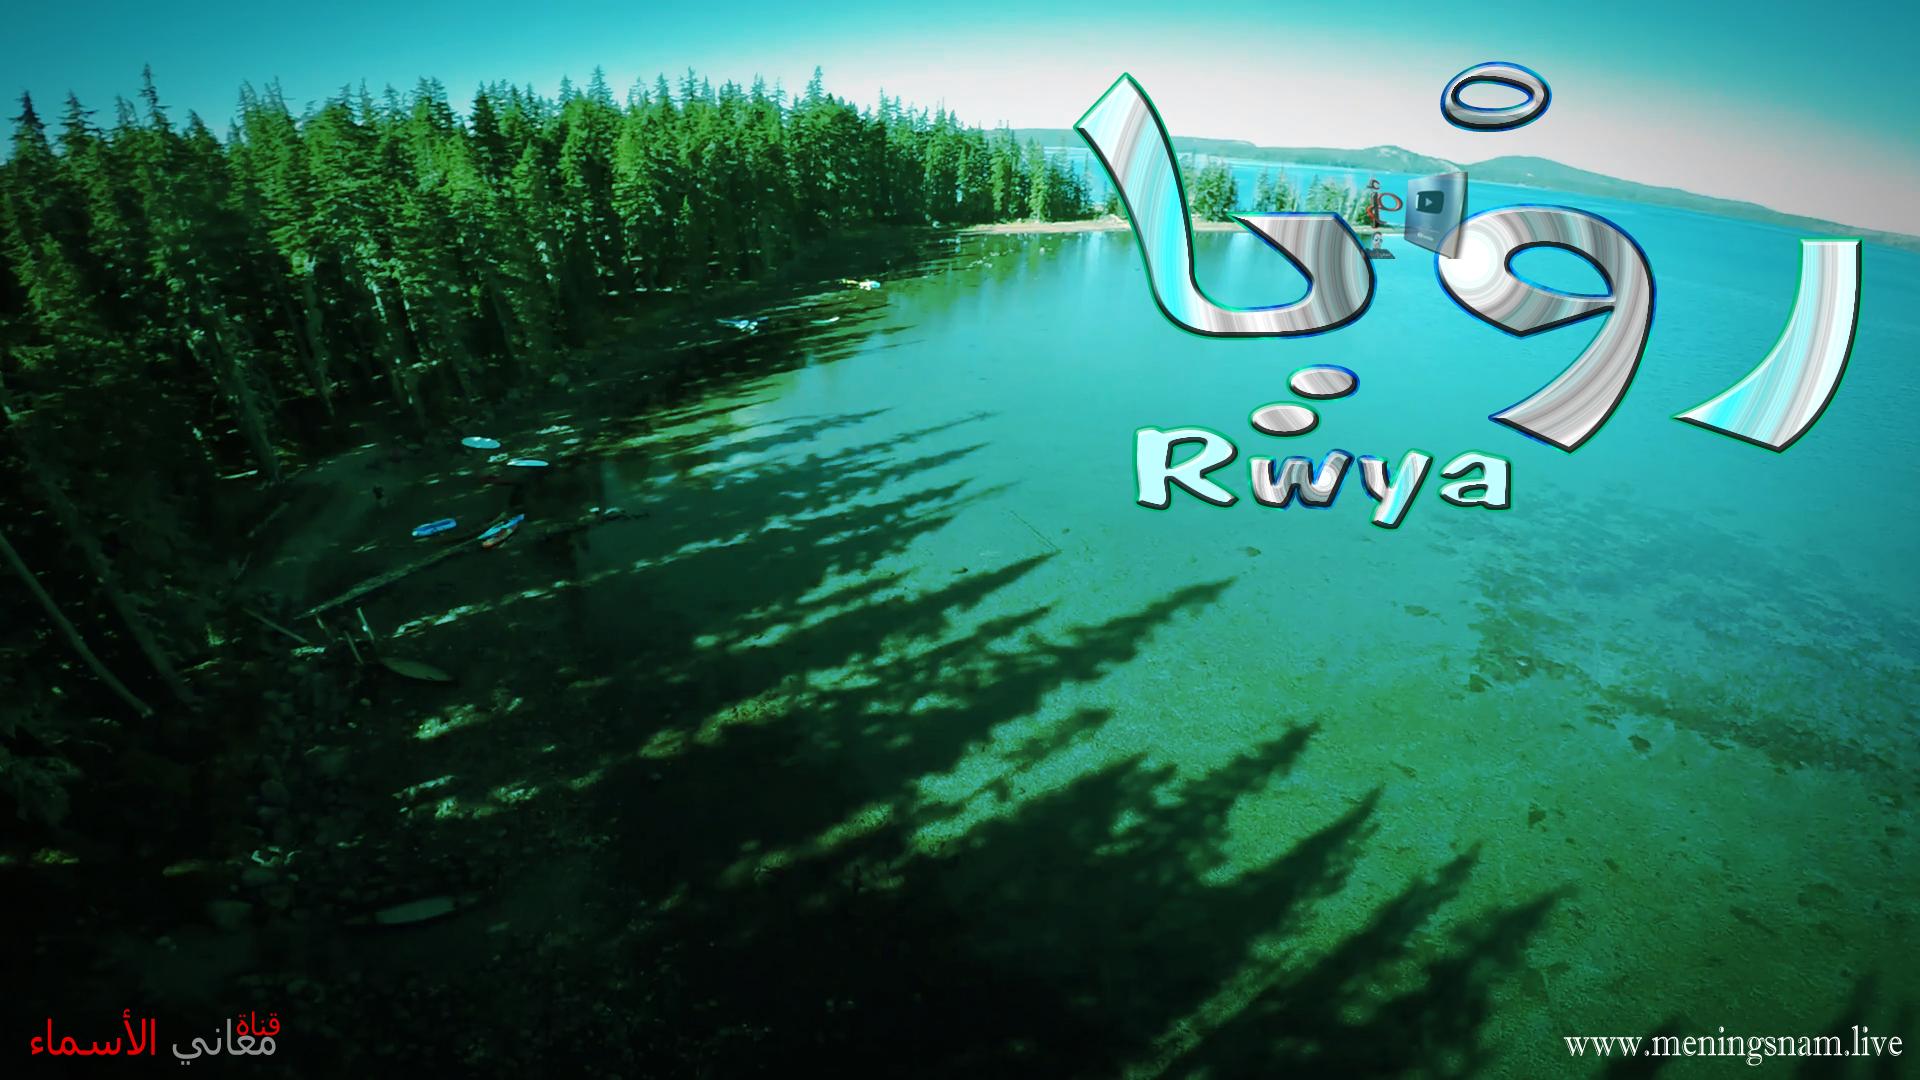 ,معنى, اسم, رويا, وصفات, حاملة, هذا الاسم Rwya,